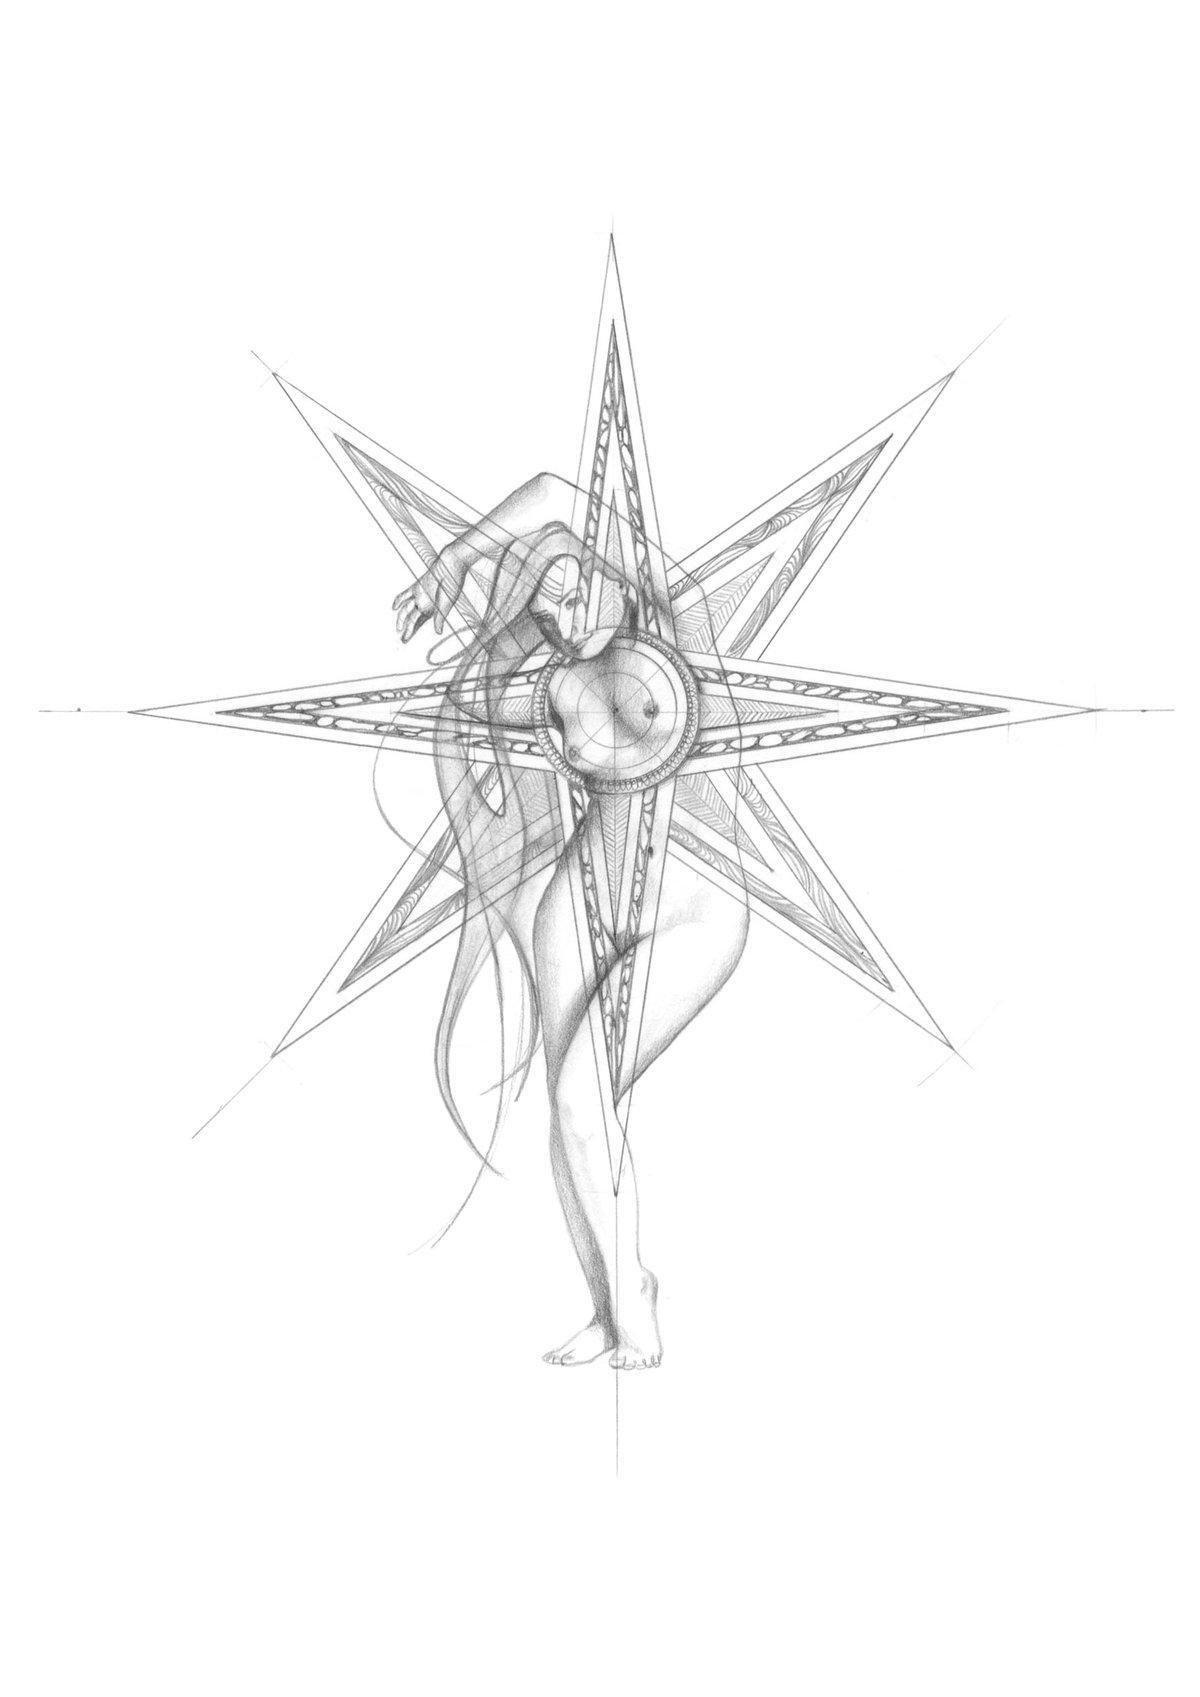 Image of Ishtar-Inanna. Welcoming Venus